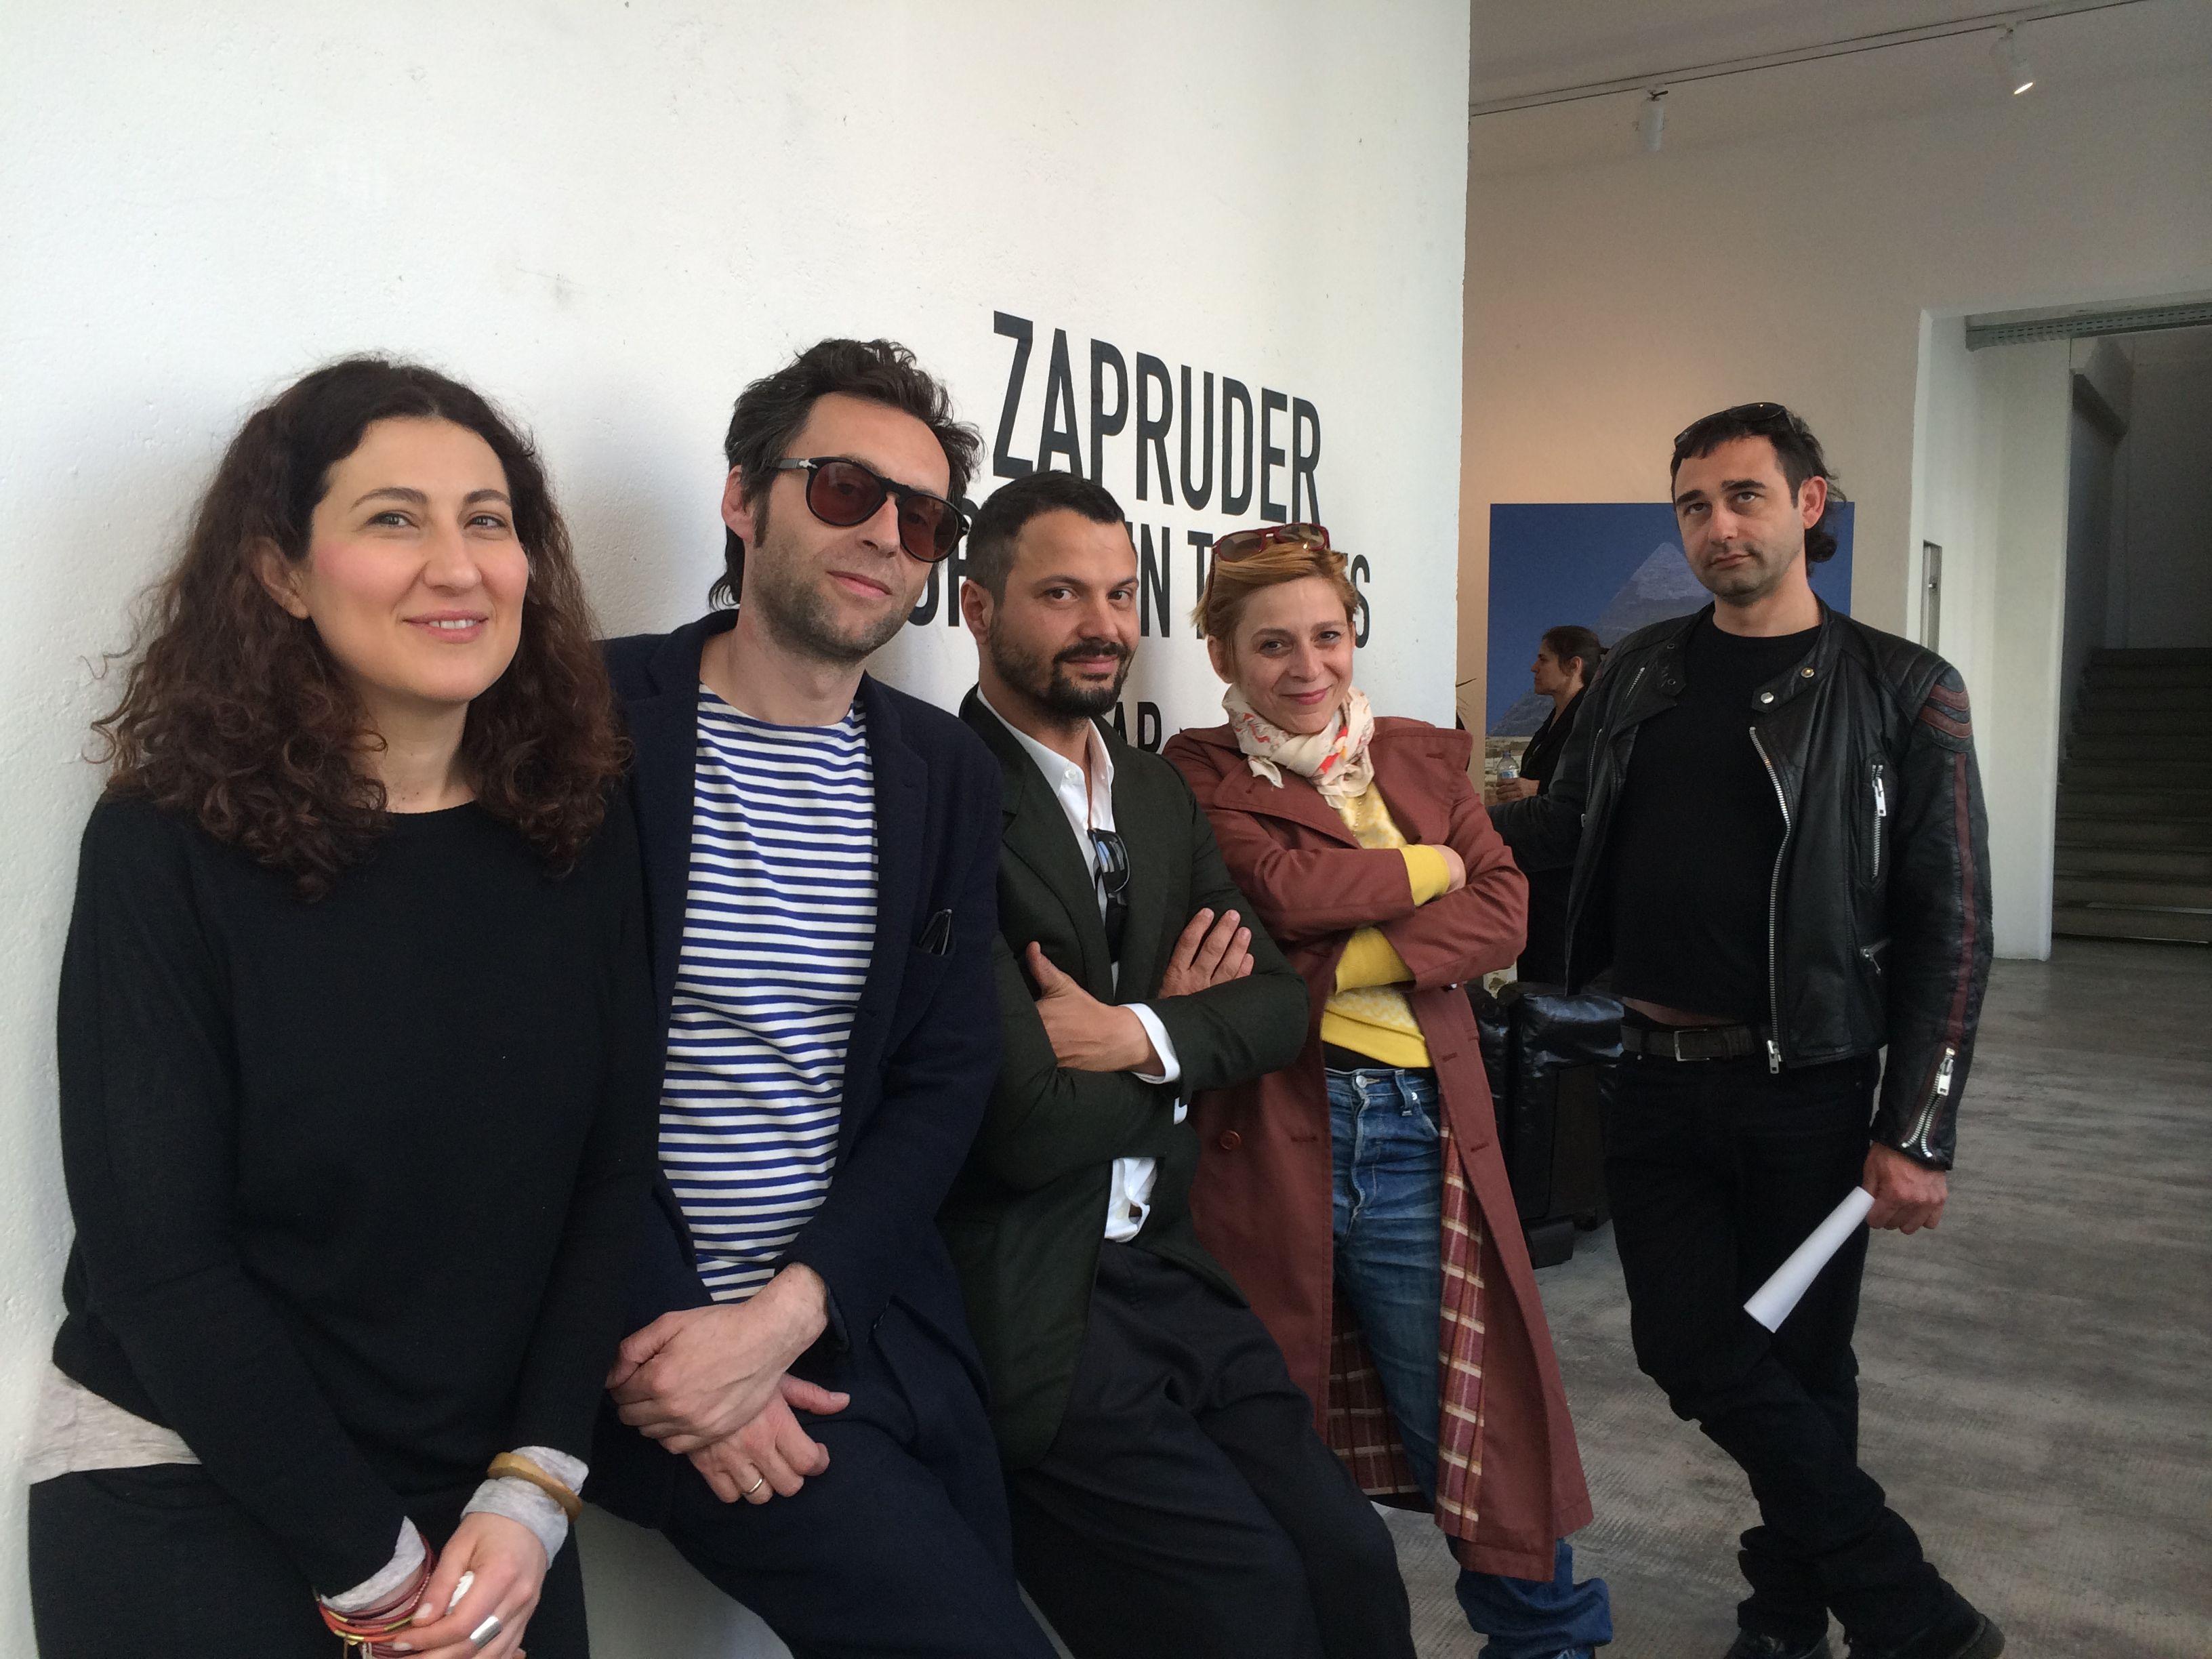 Mirko Rizzi con Zapruder alla Marsèlleria